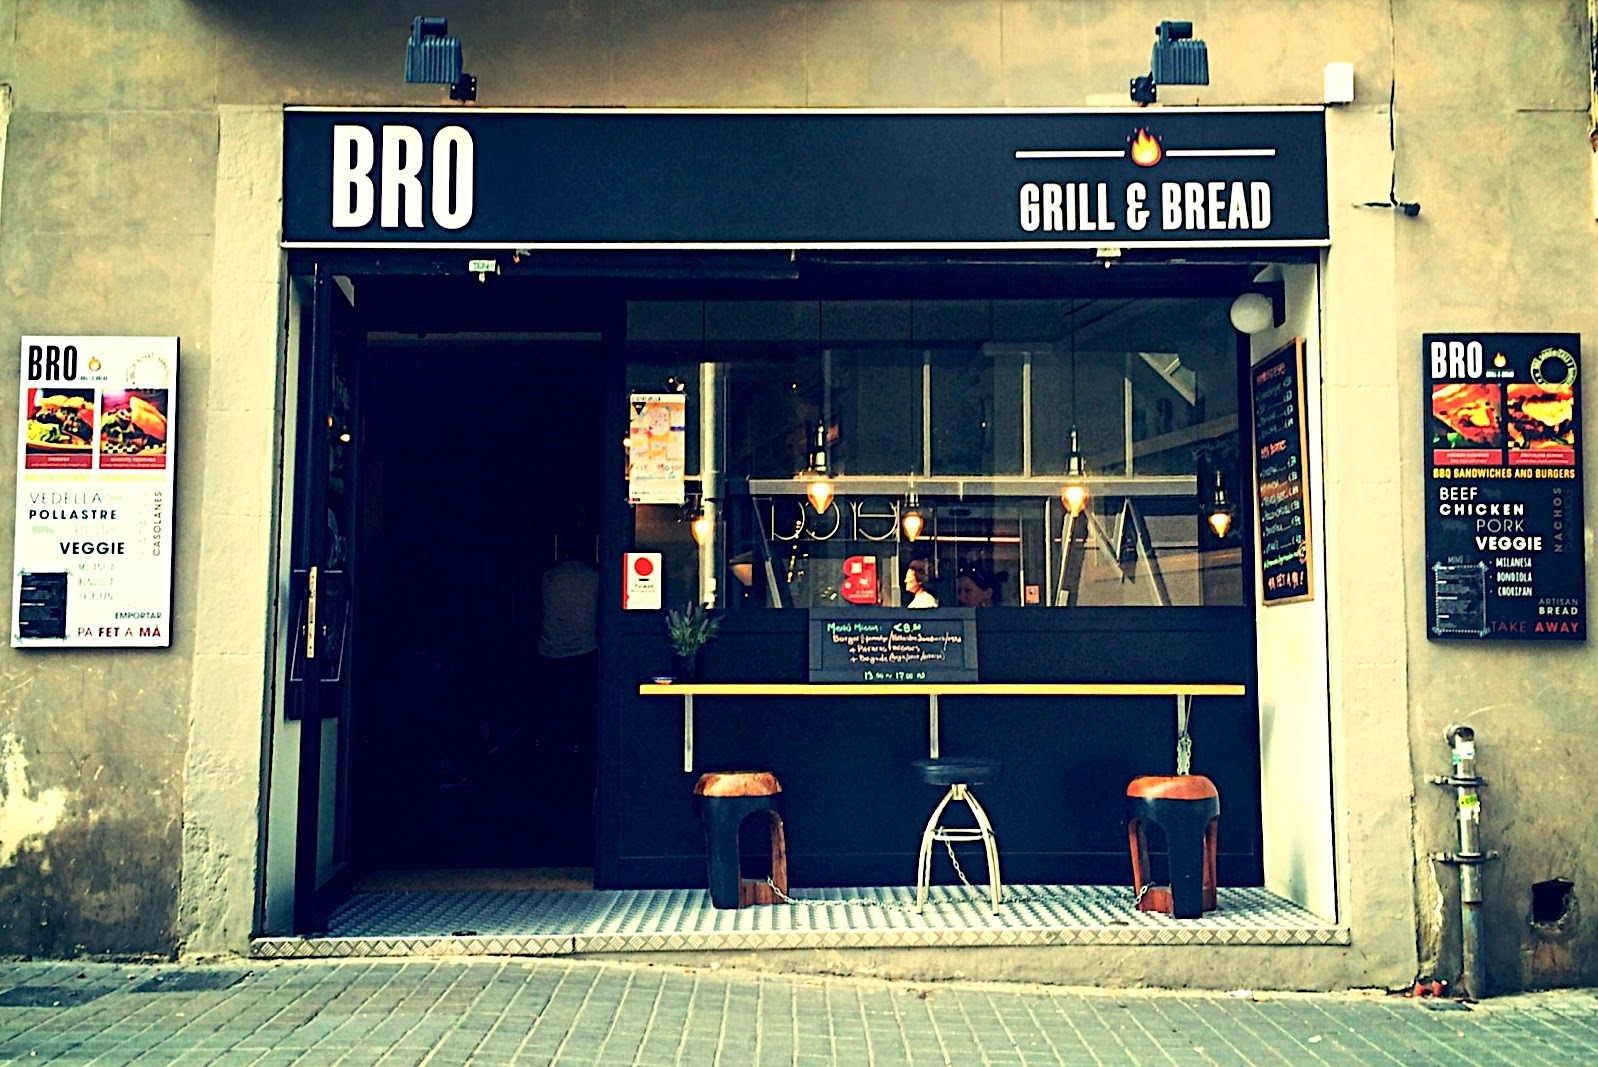 BRO Barcelona Grill&Bread